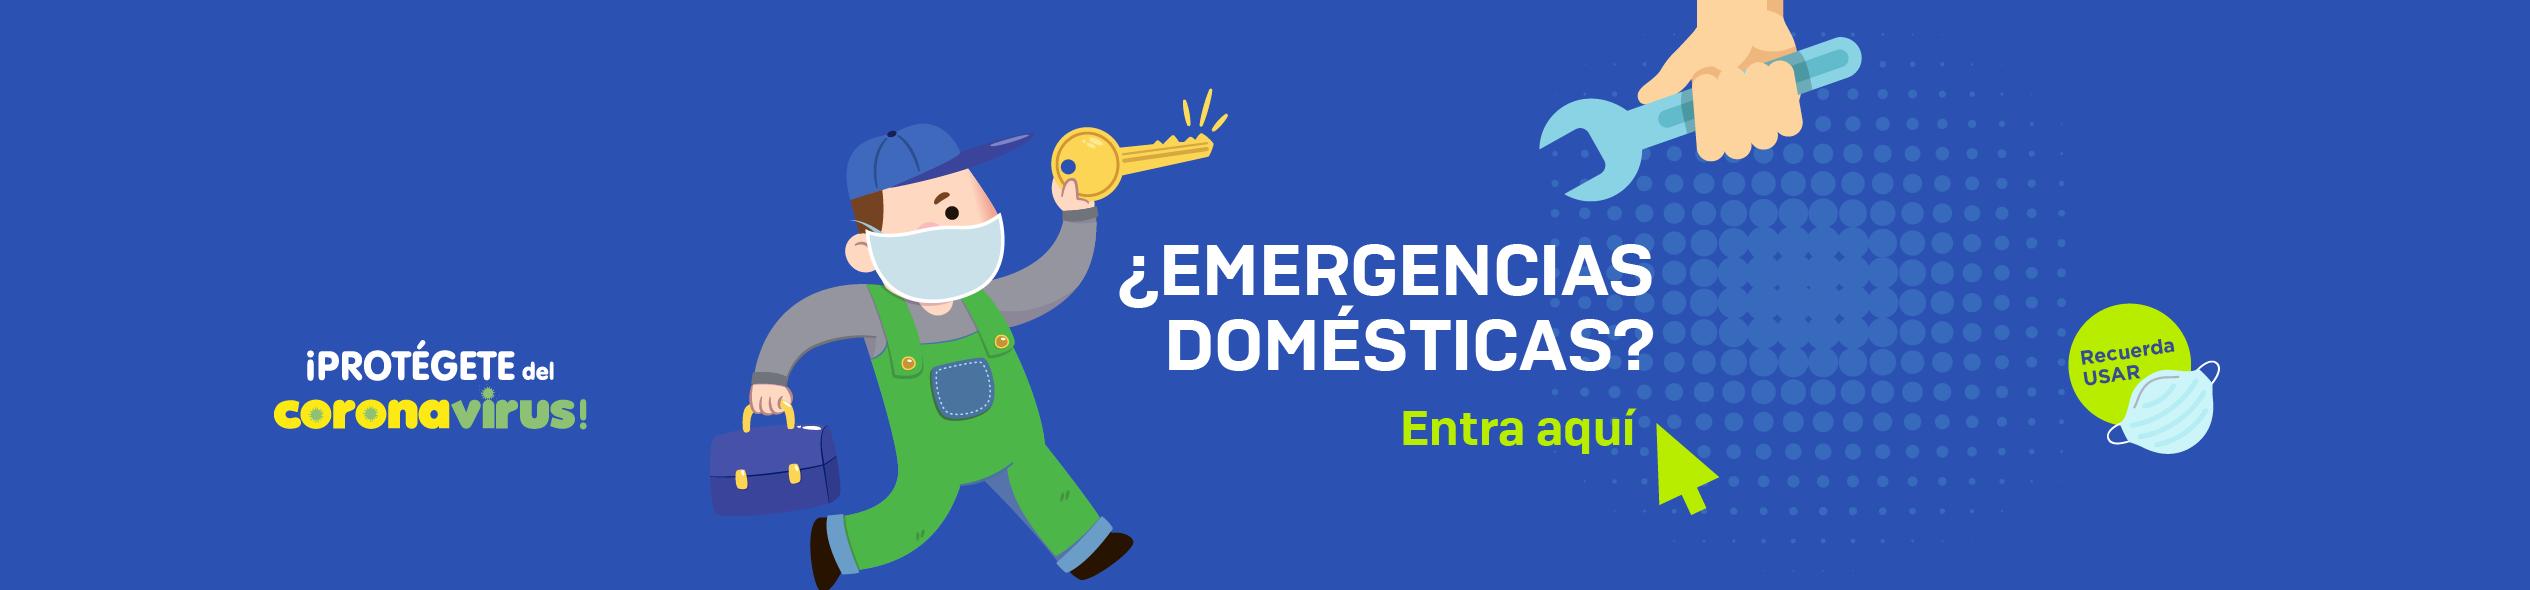 CABECERAS-EMERGENCIAS